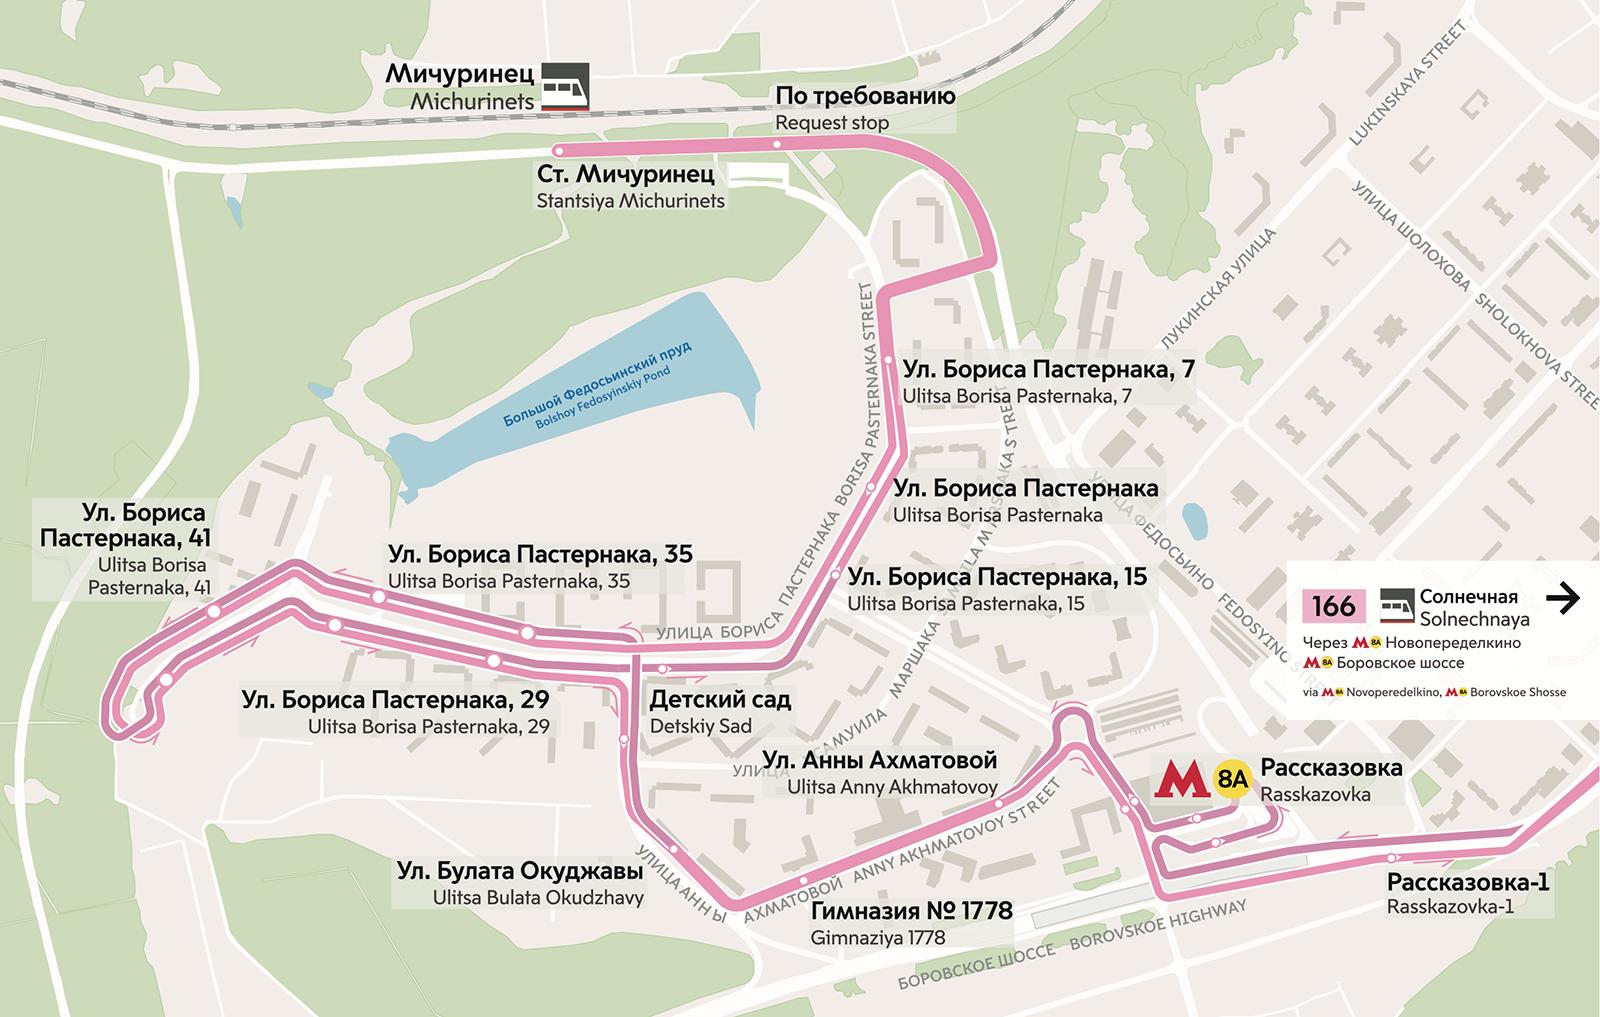 В районе улицы Бориса Пастернака изменился маршрут автобуса № 166